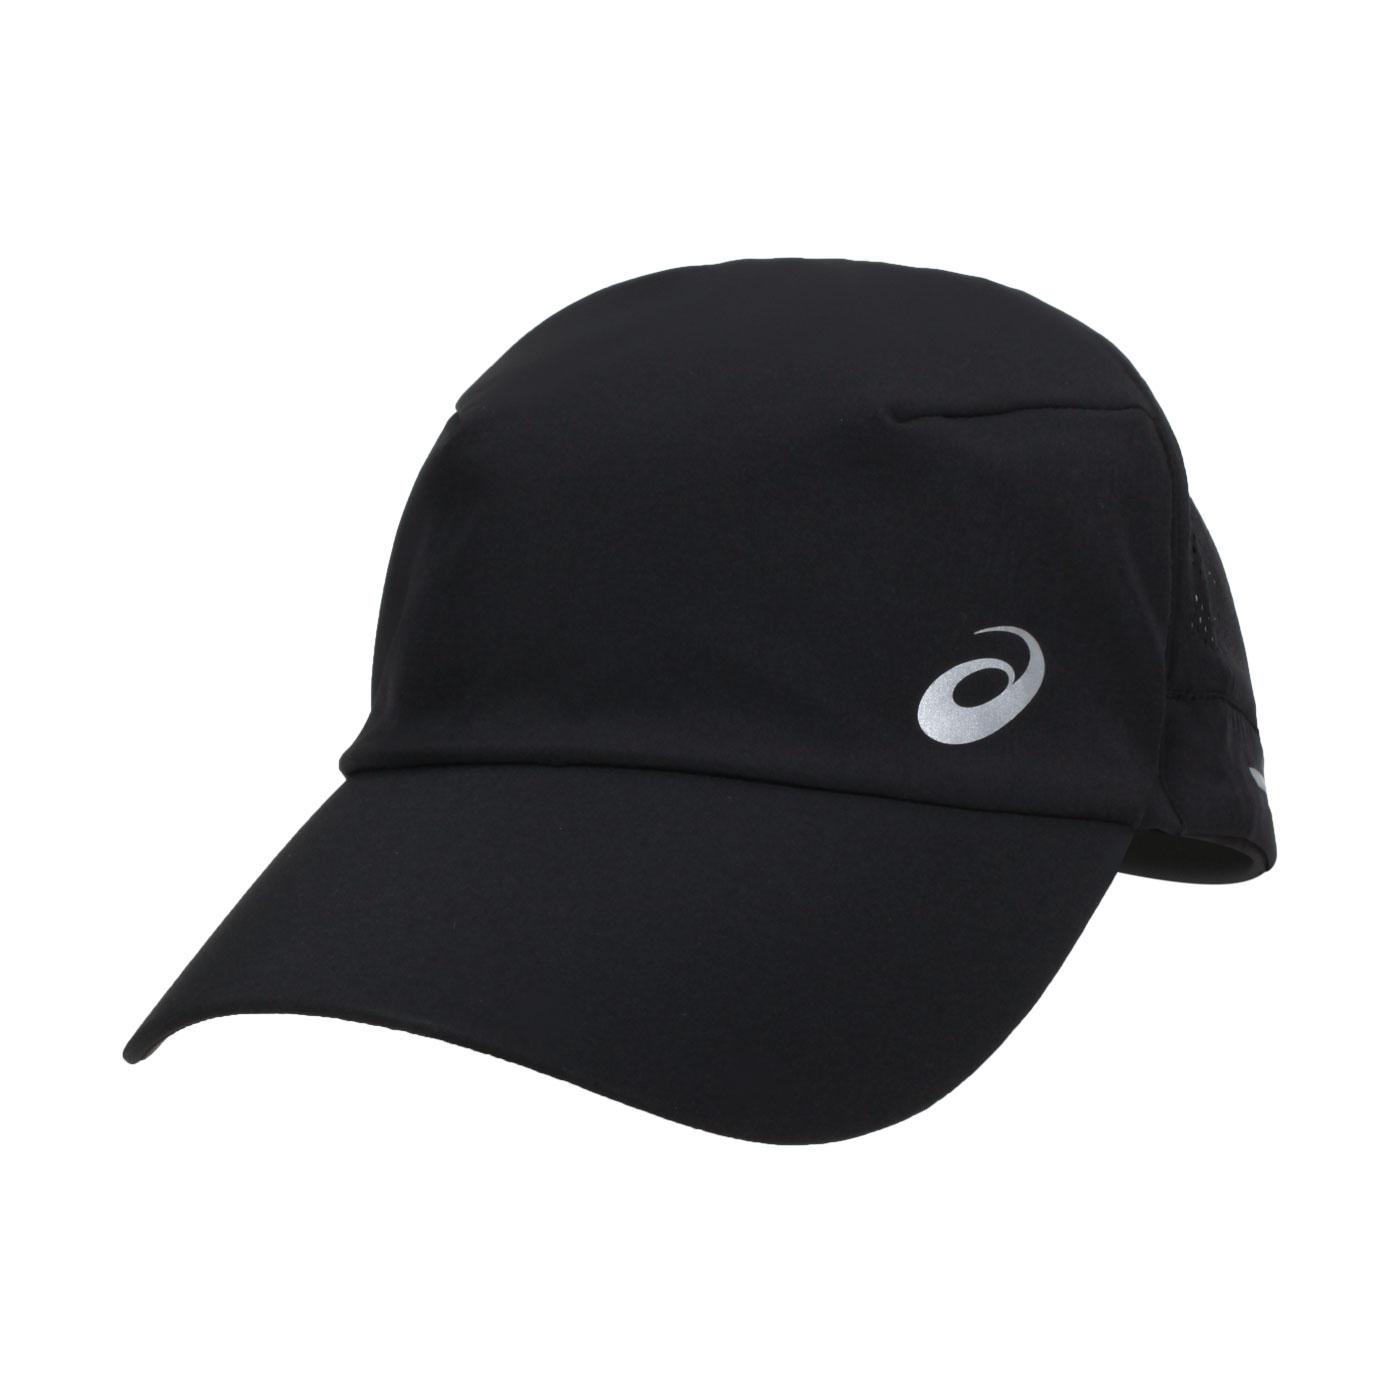 ASICS 跑步透氣帽 3013A457-002